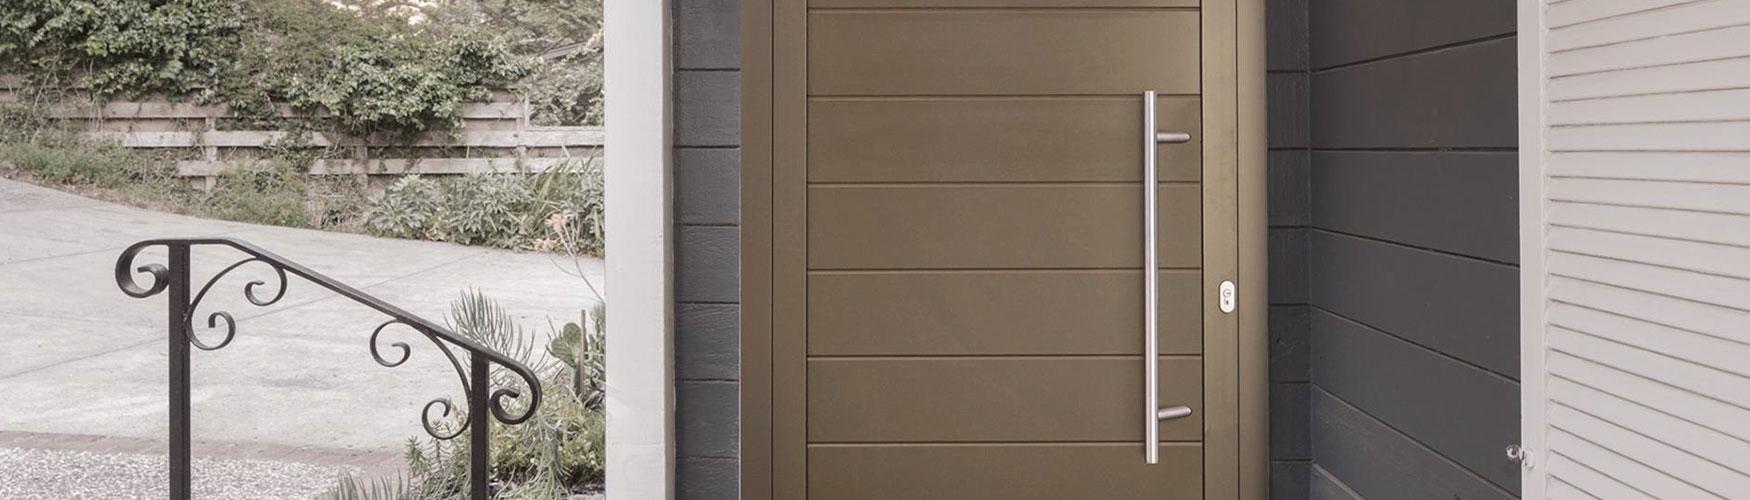 Aluminium Entry Doors